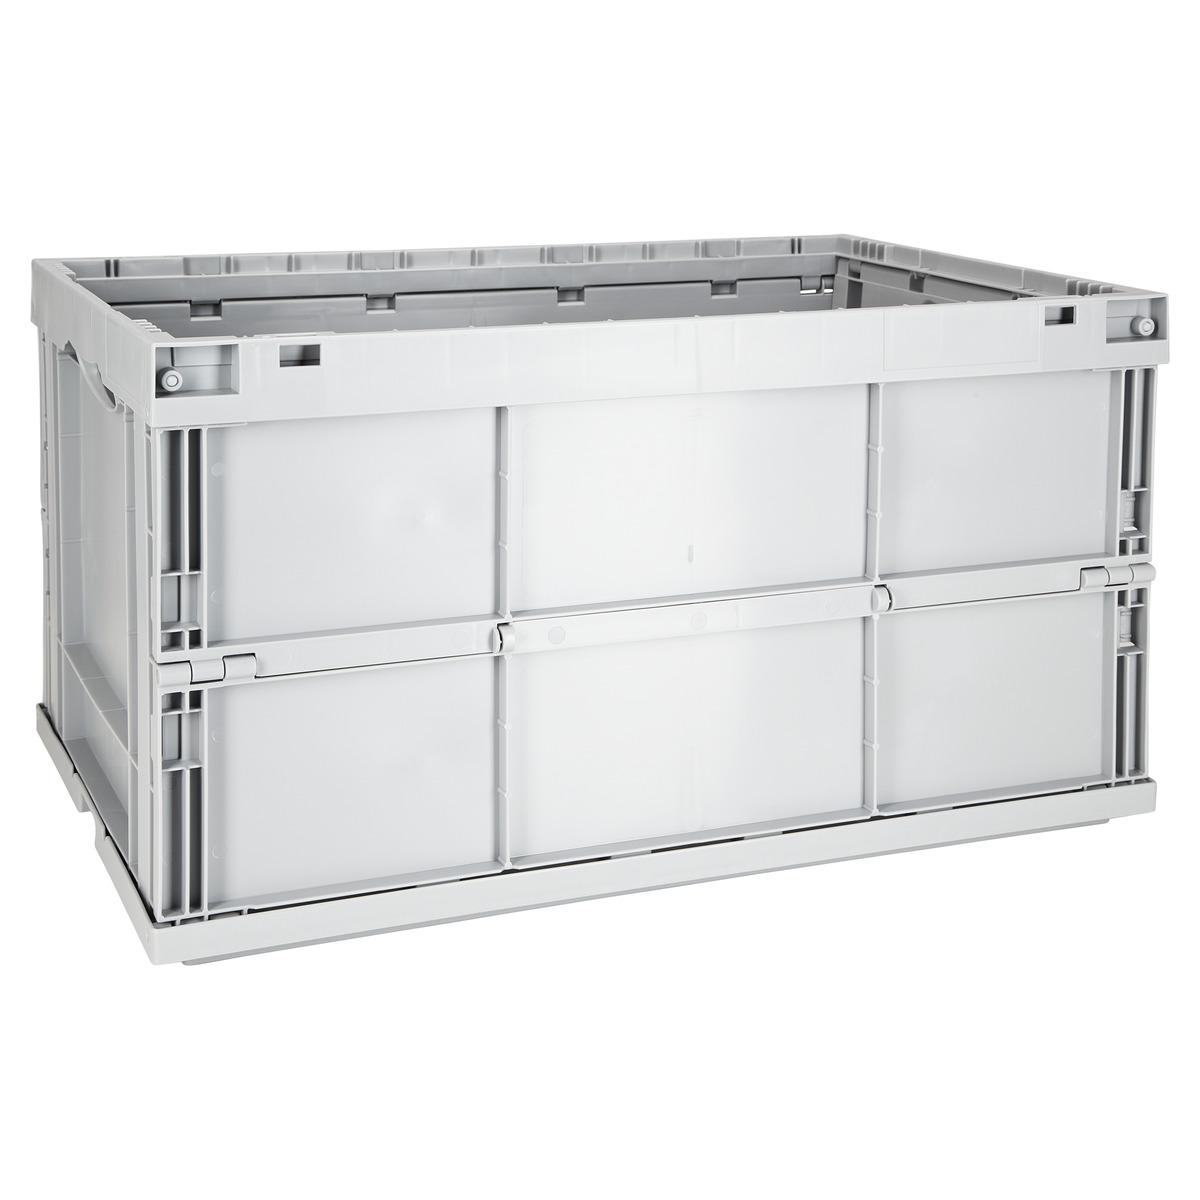 Bild 1 von Transport- und Lagerbehälter, Faltbox